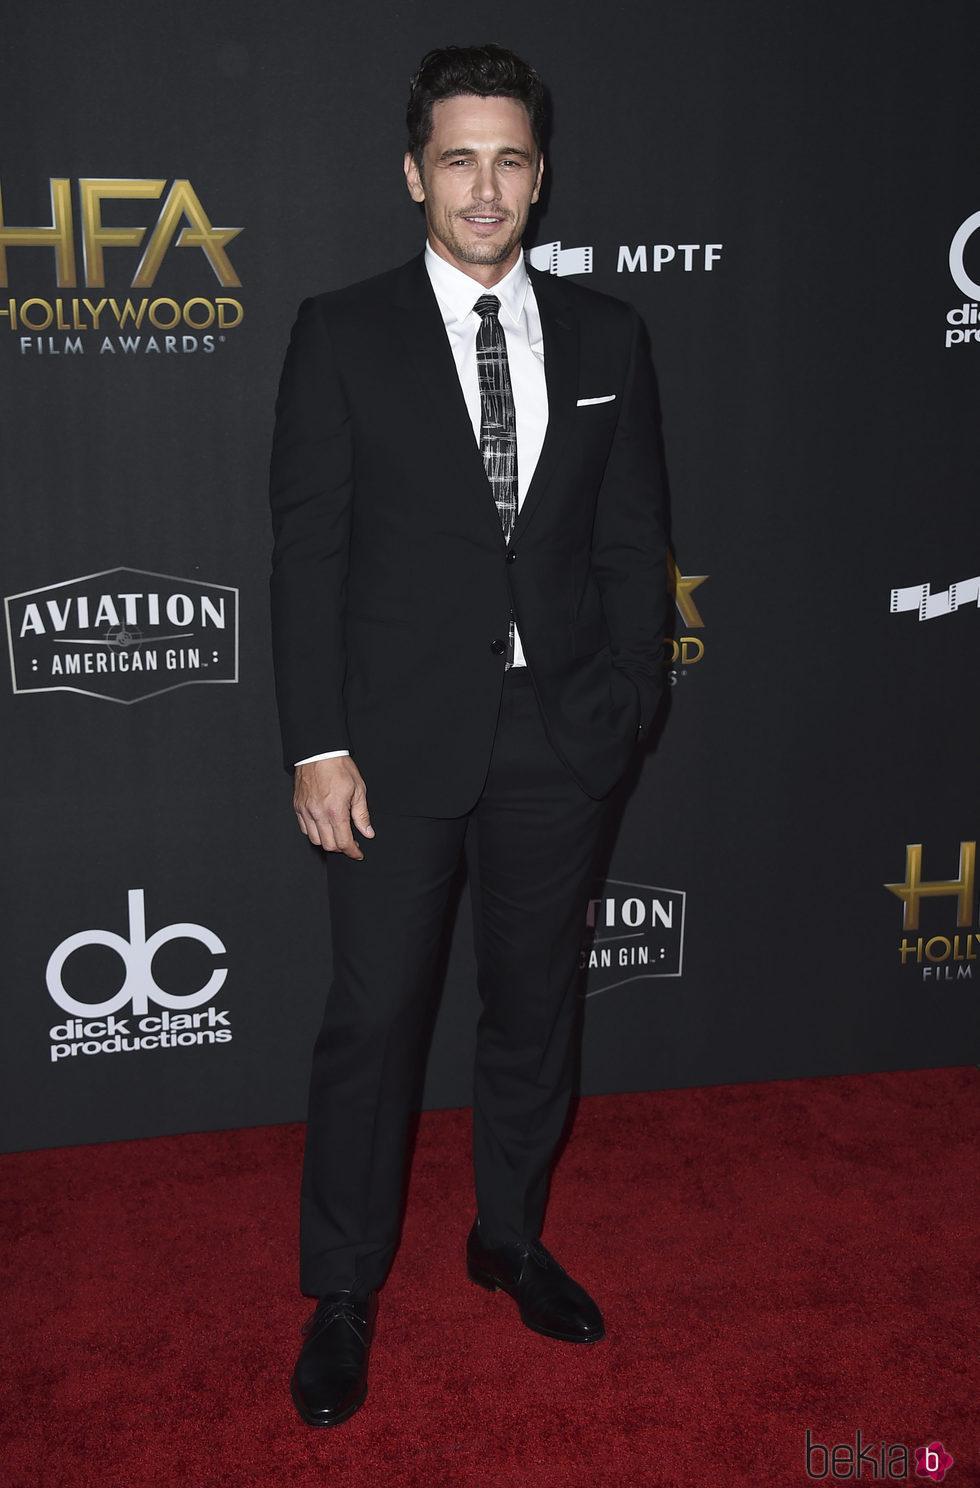 James Franco en la alfombra roja de los Hollywood Film Awards 2017